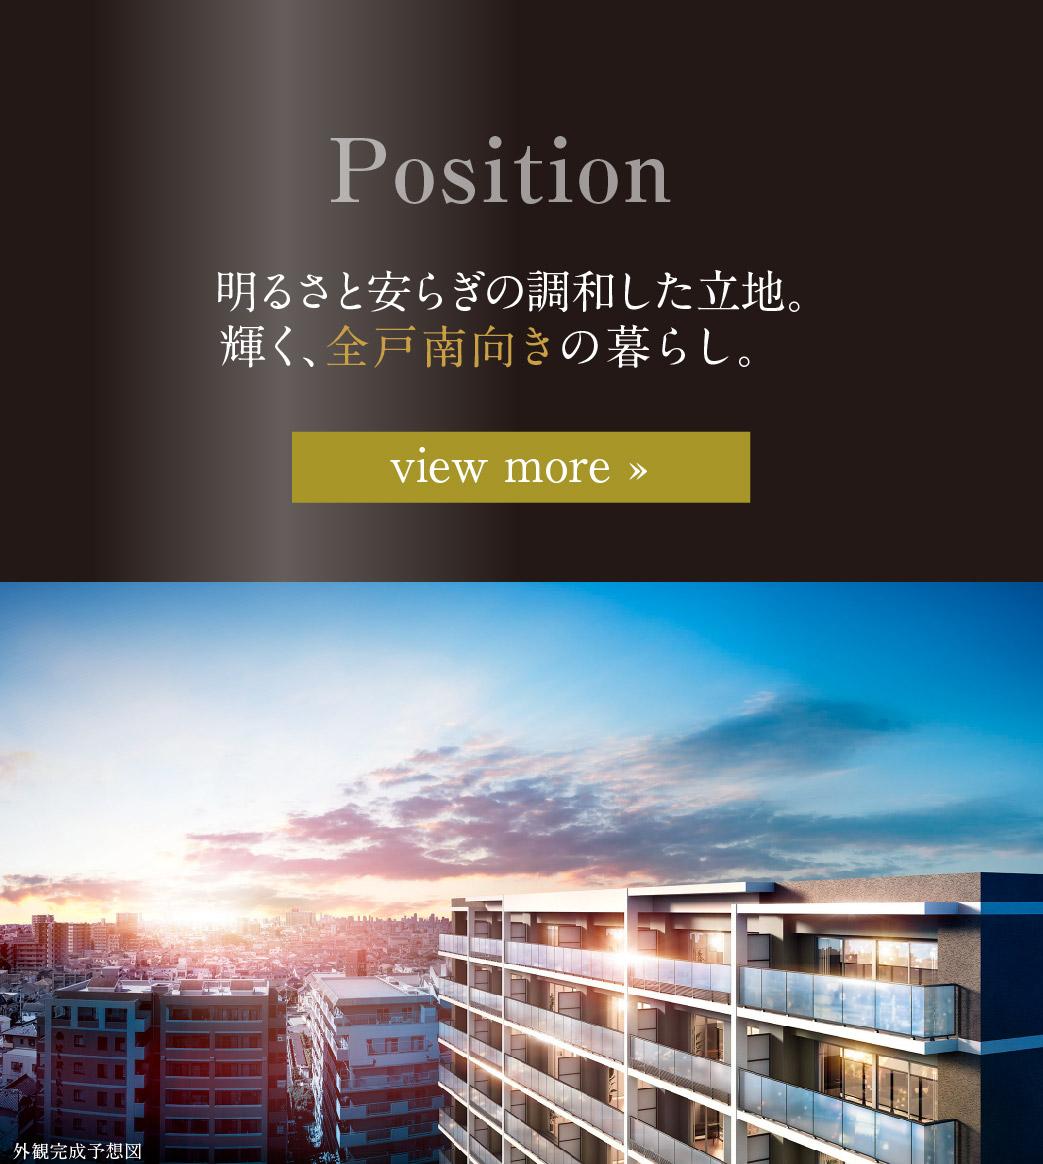 【 ブランニード河内小阪】Position